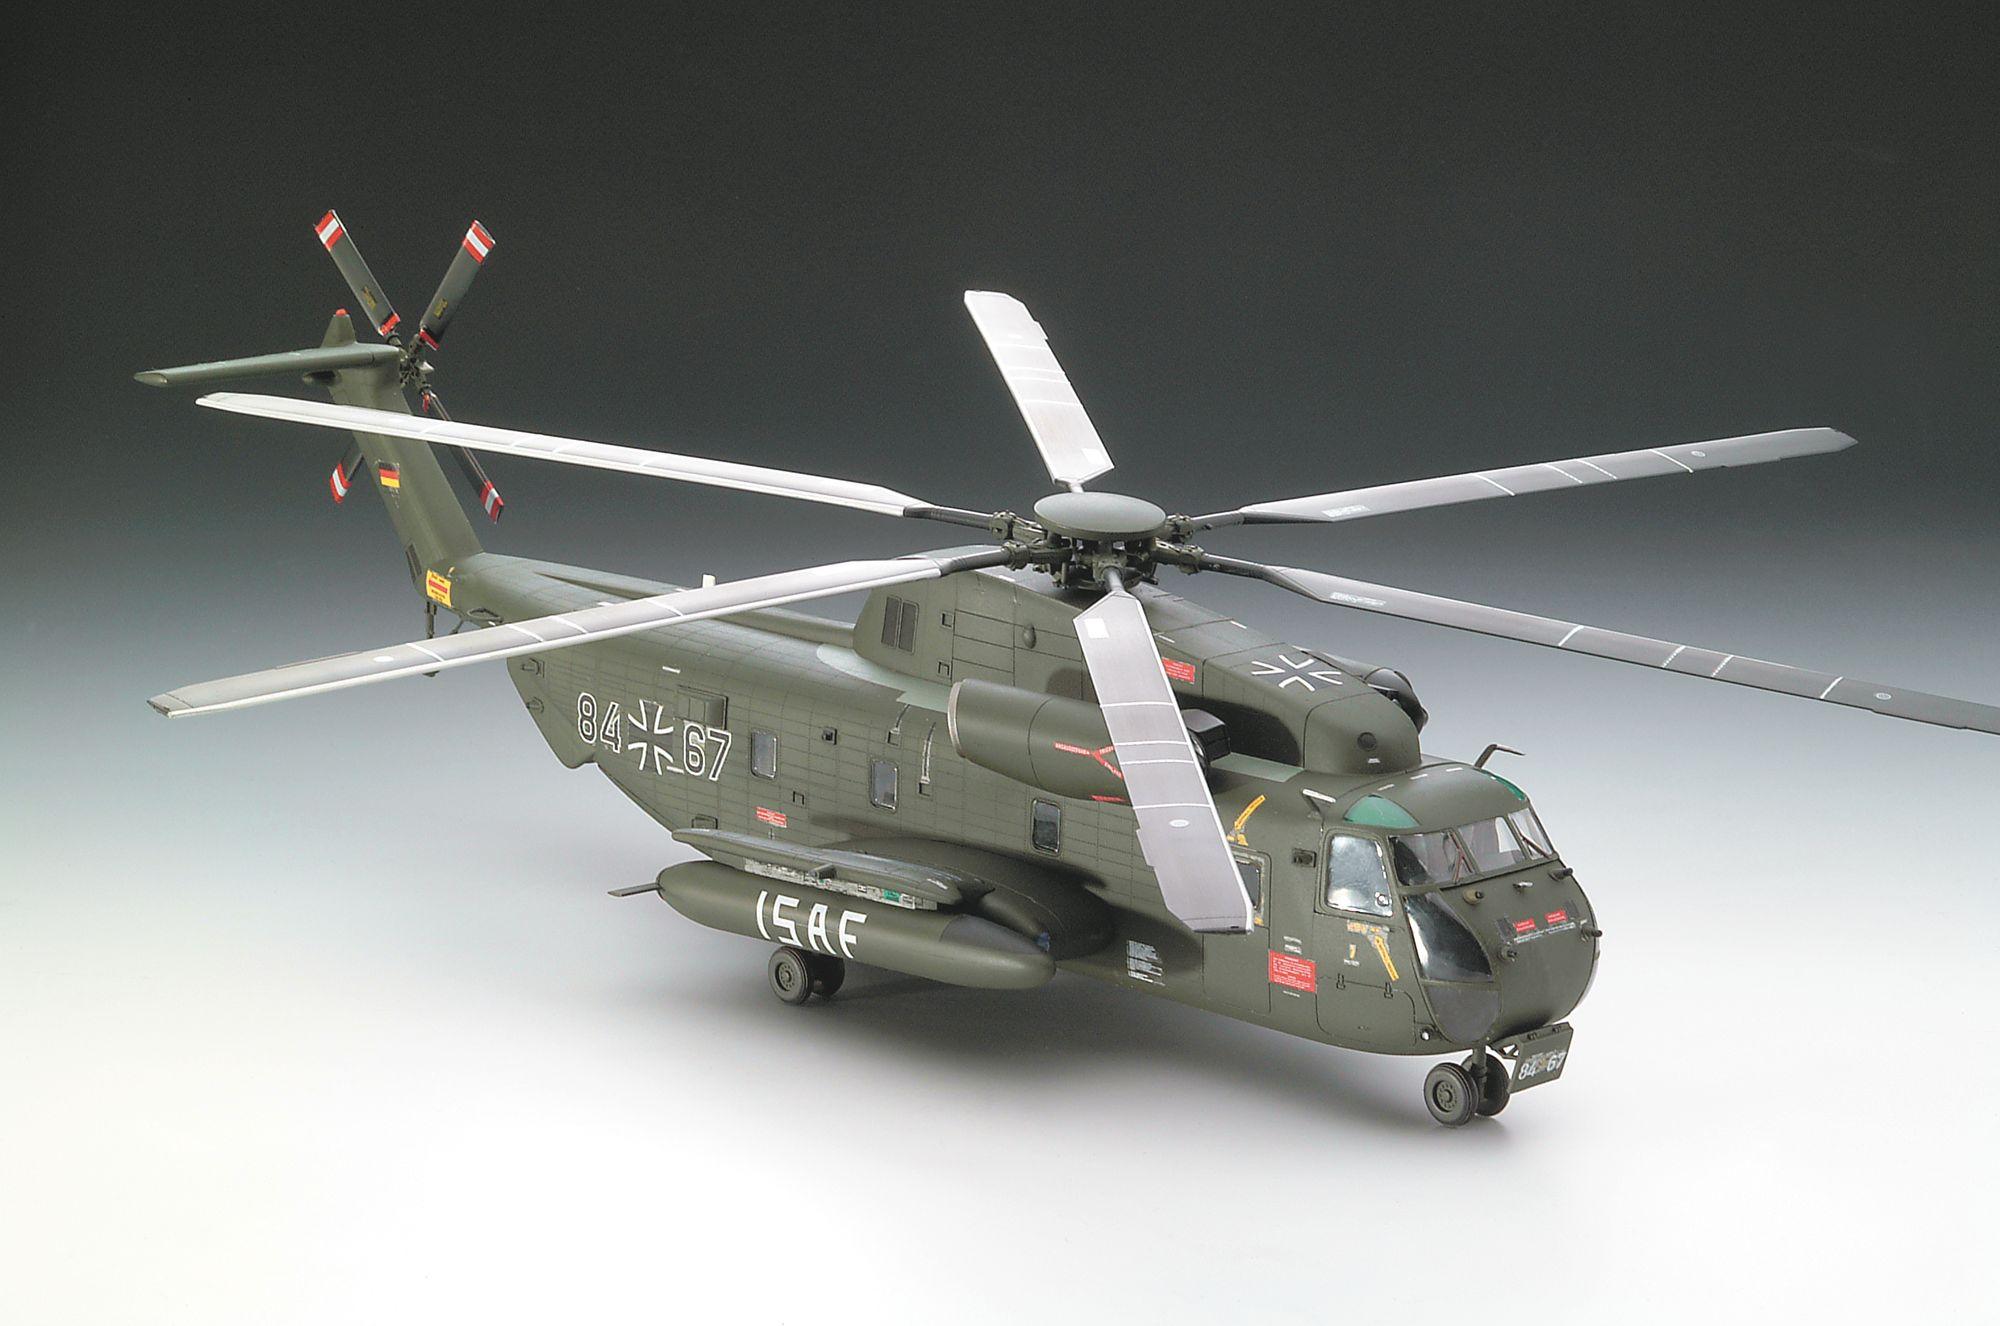 03856-Sikorsky-CH-53-G-GS Revell-Neuheiten 2020